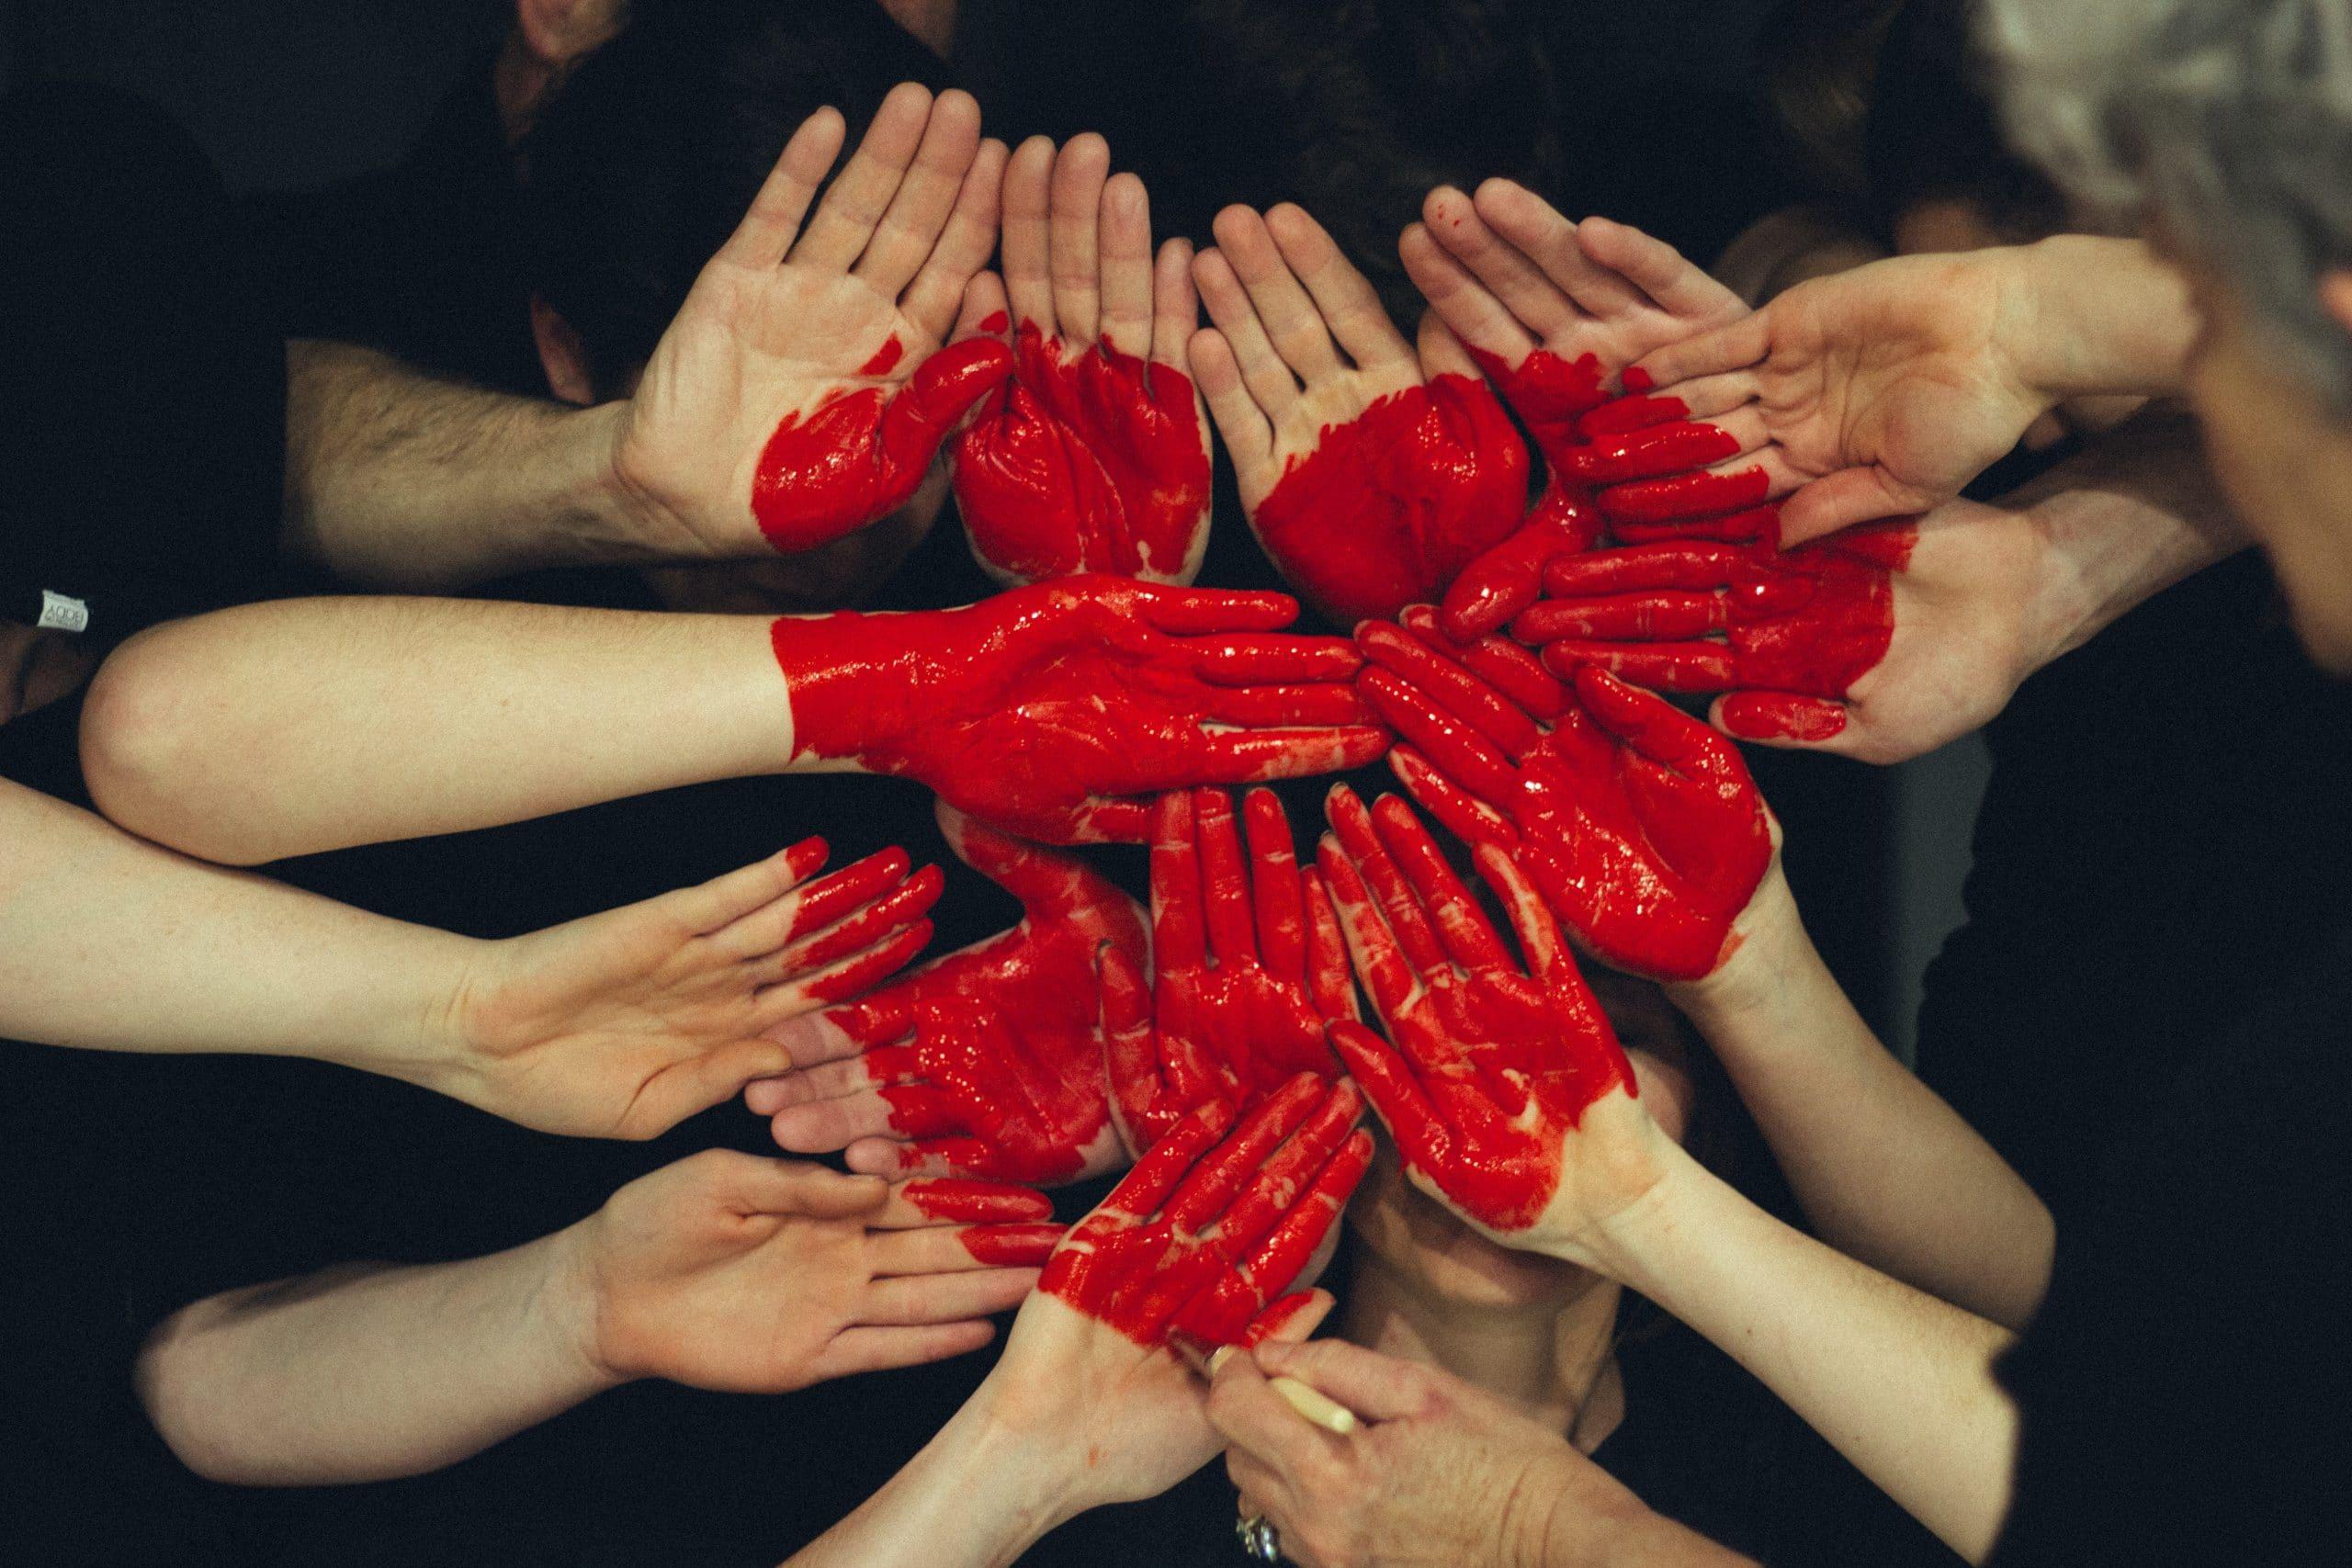 Mãos unidas com coração pintado de tinta